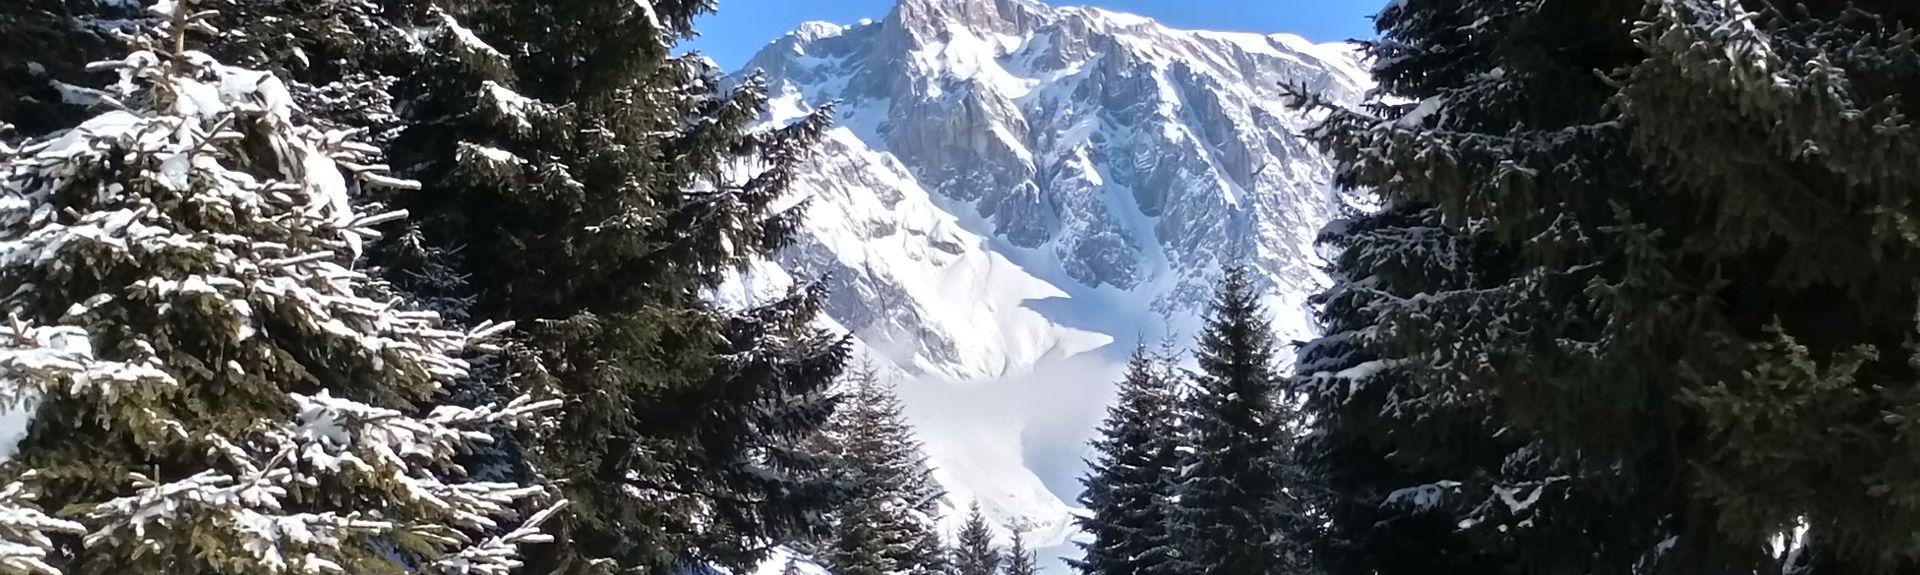 Skigebied Grossarltal, Salzburg (staat), Oostenrijk